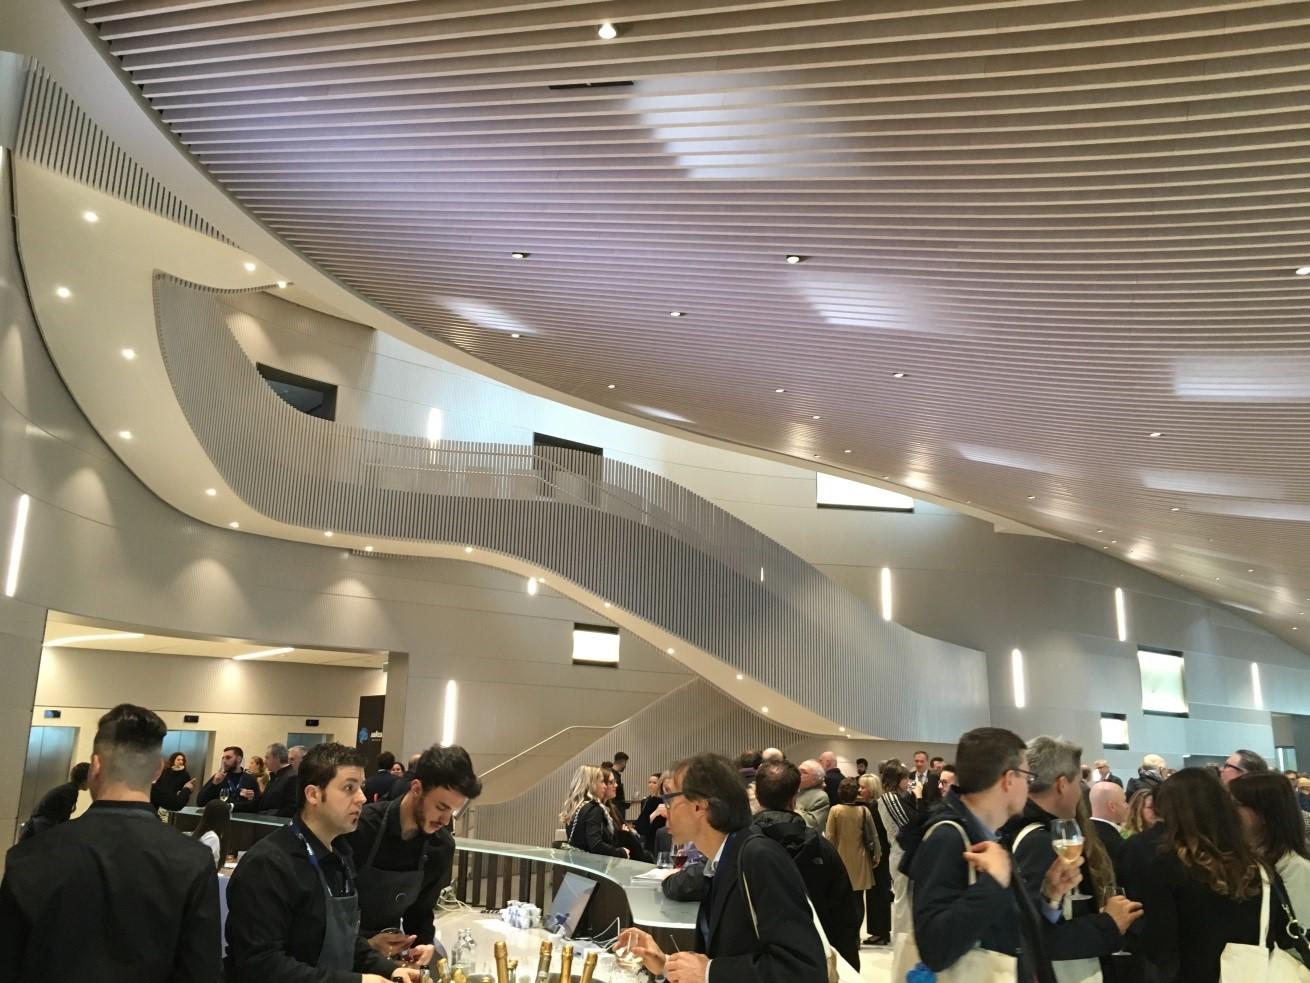 L'atrio della nuova sede direzionale con la scala scenografica di Cino Zucchi